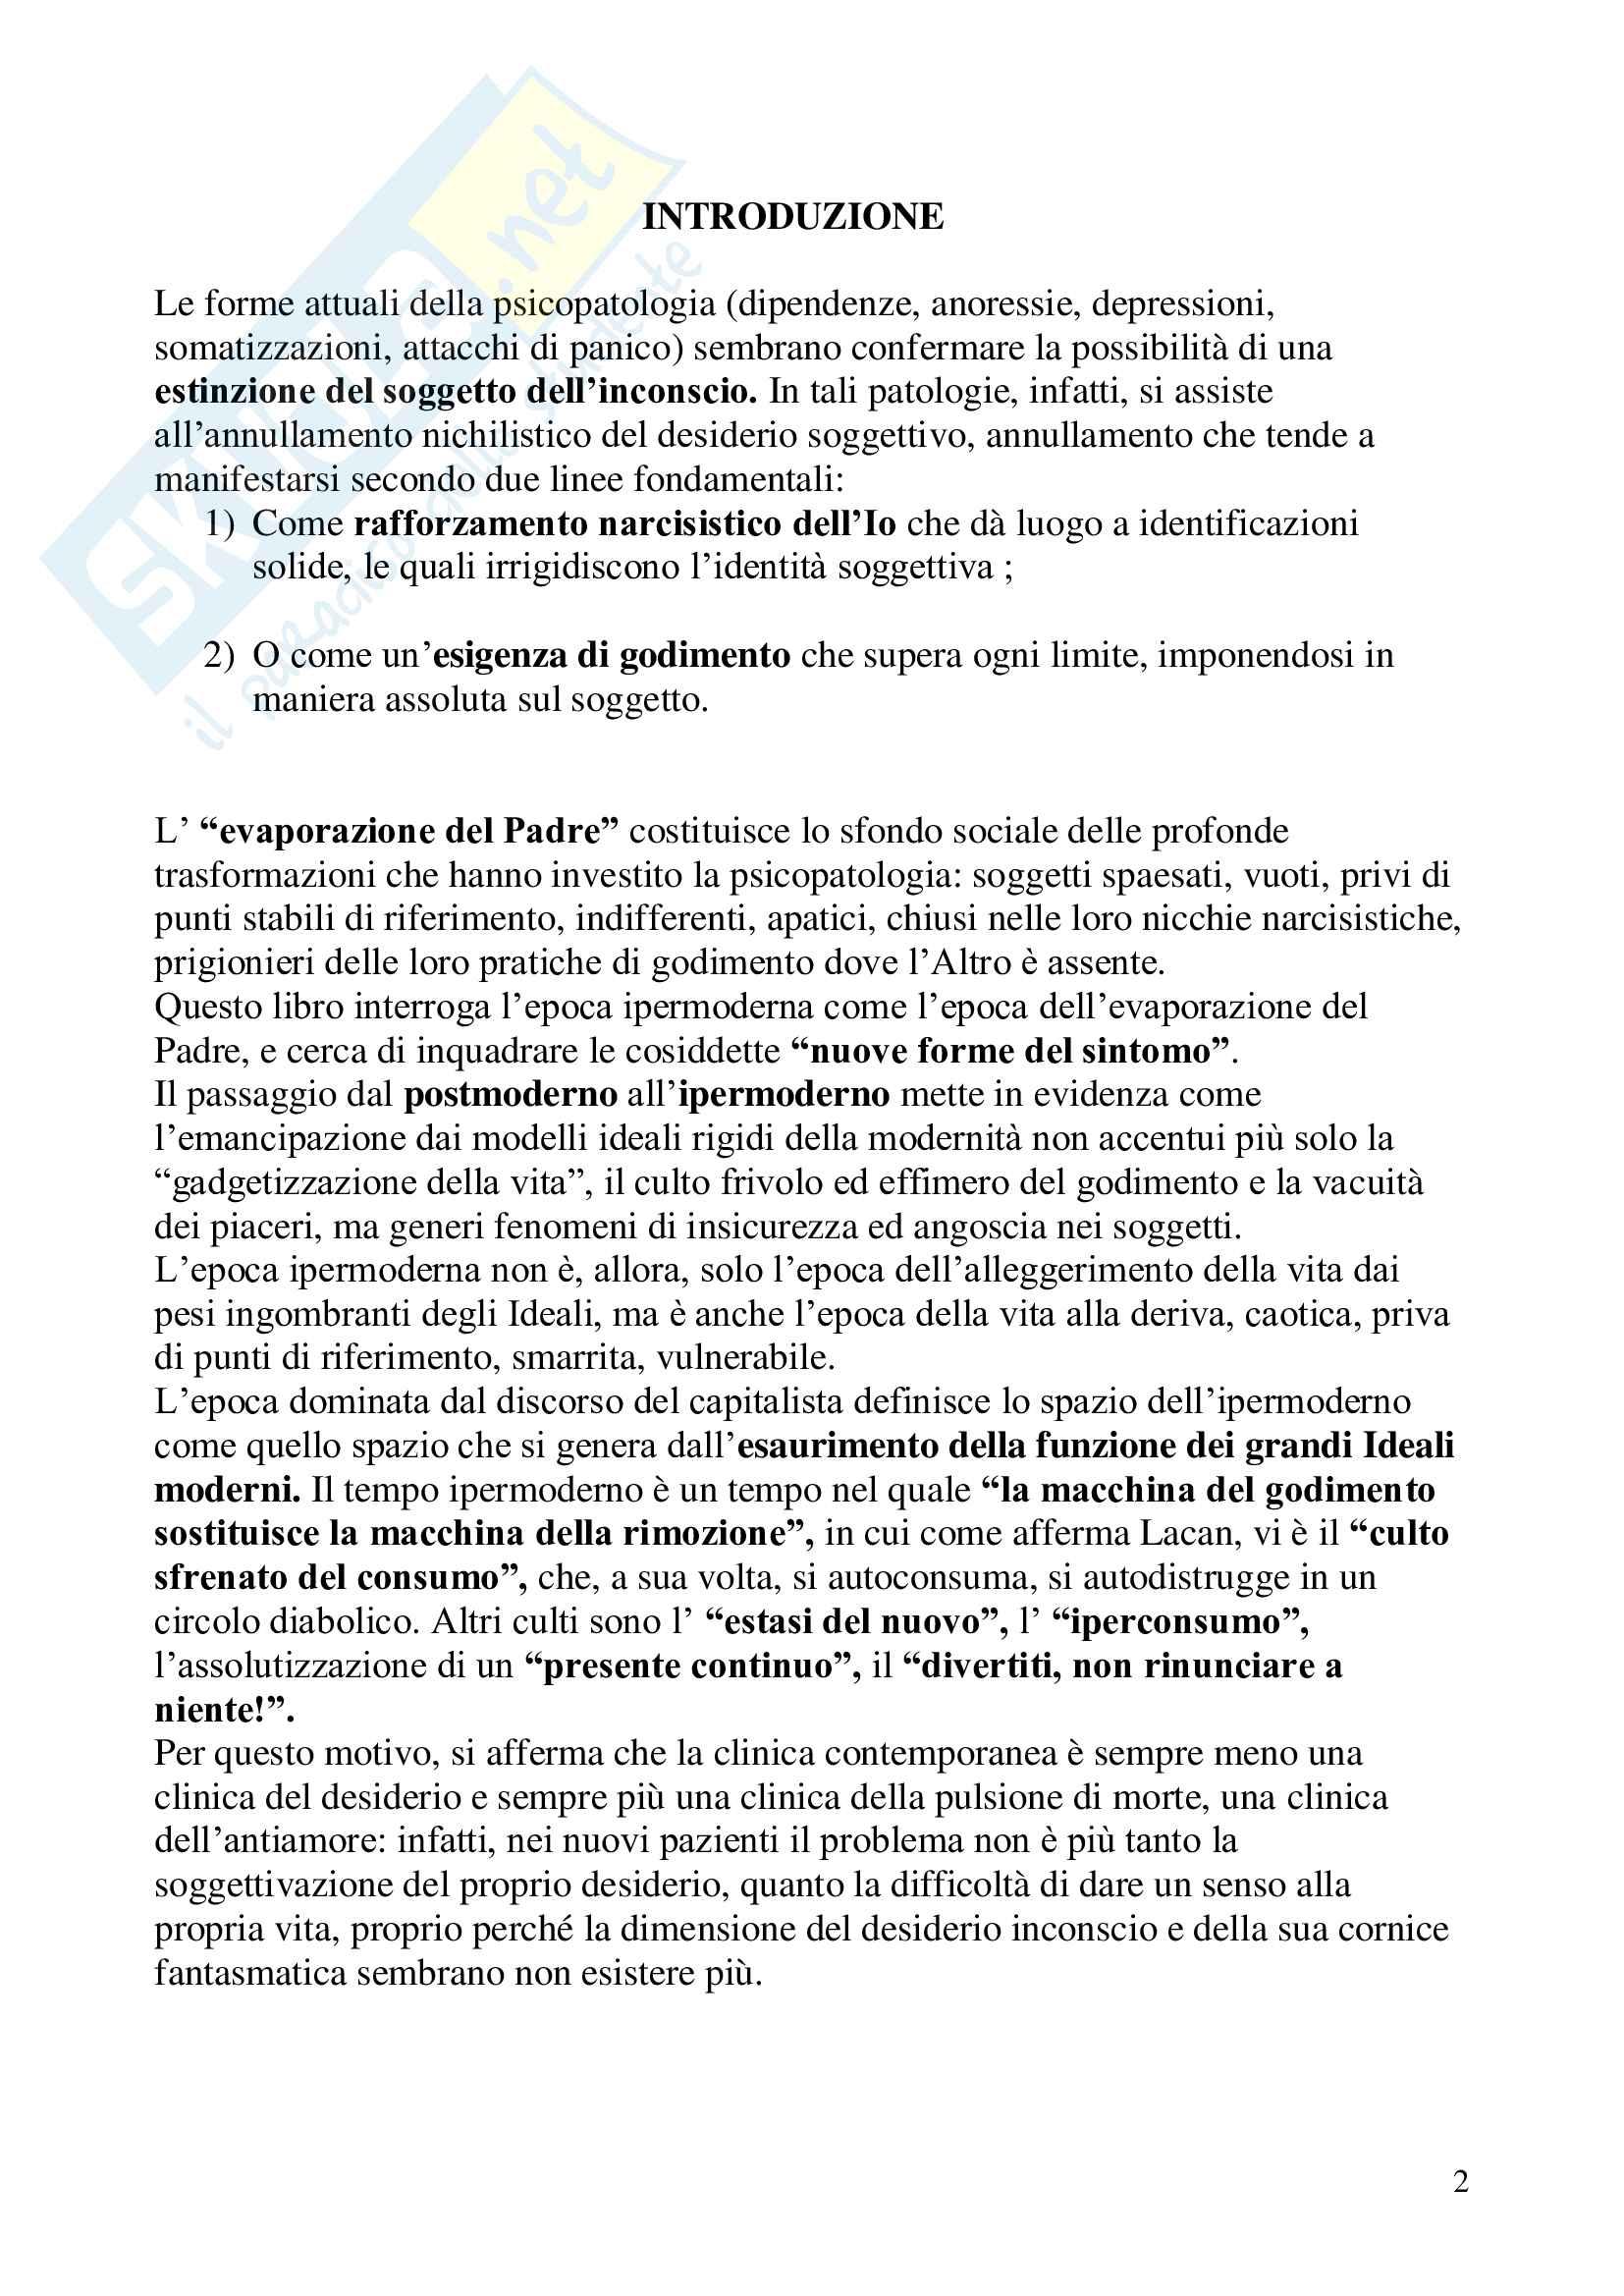 Riassunto esame Psicologia clinica, prof. Lo Castro, libro consigliato L'uomo senza inconscio, Recalcati